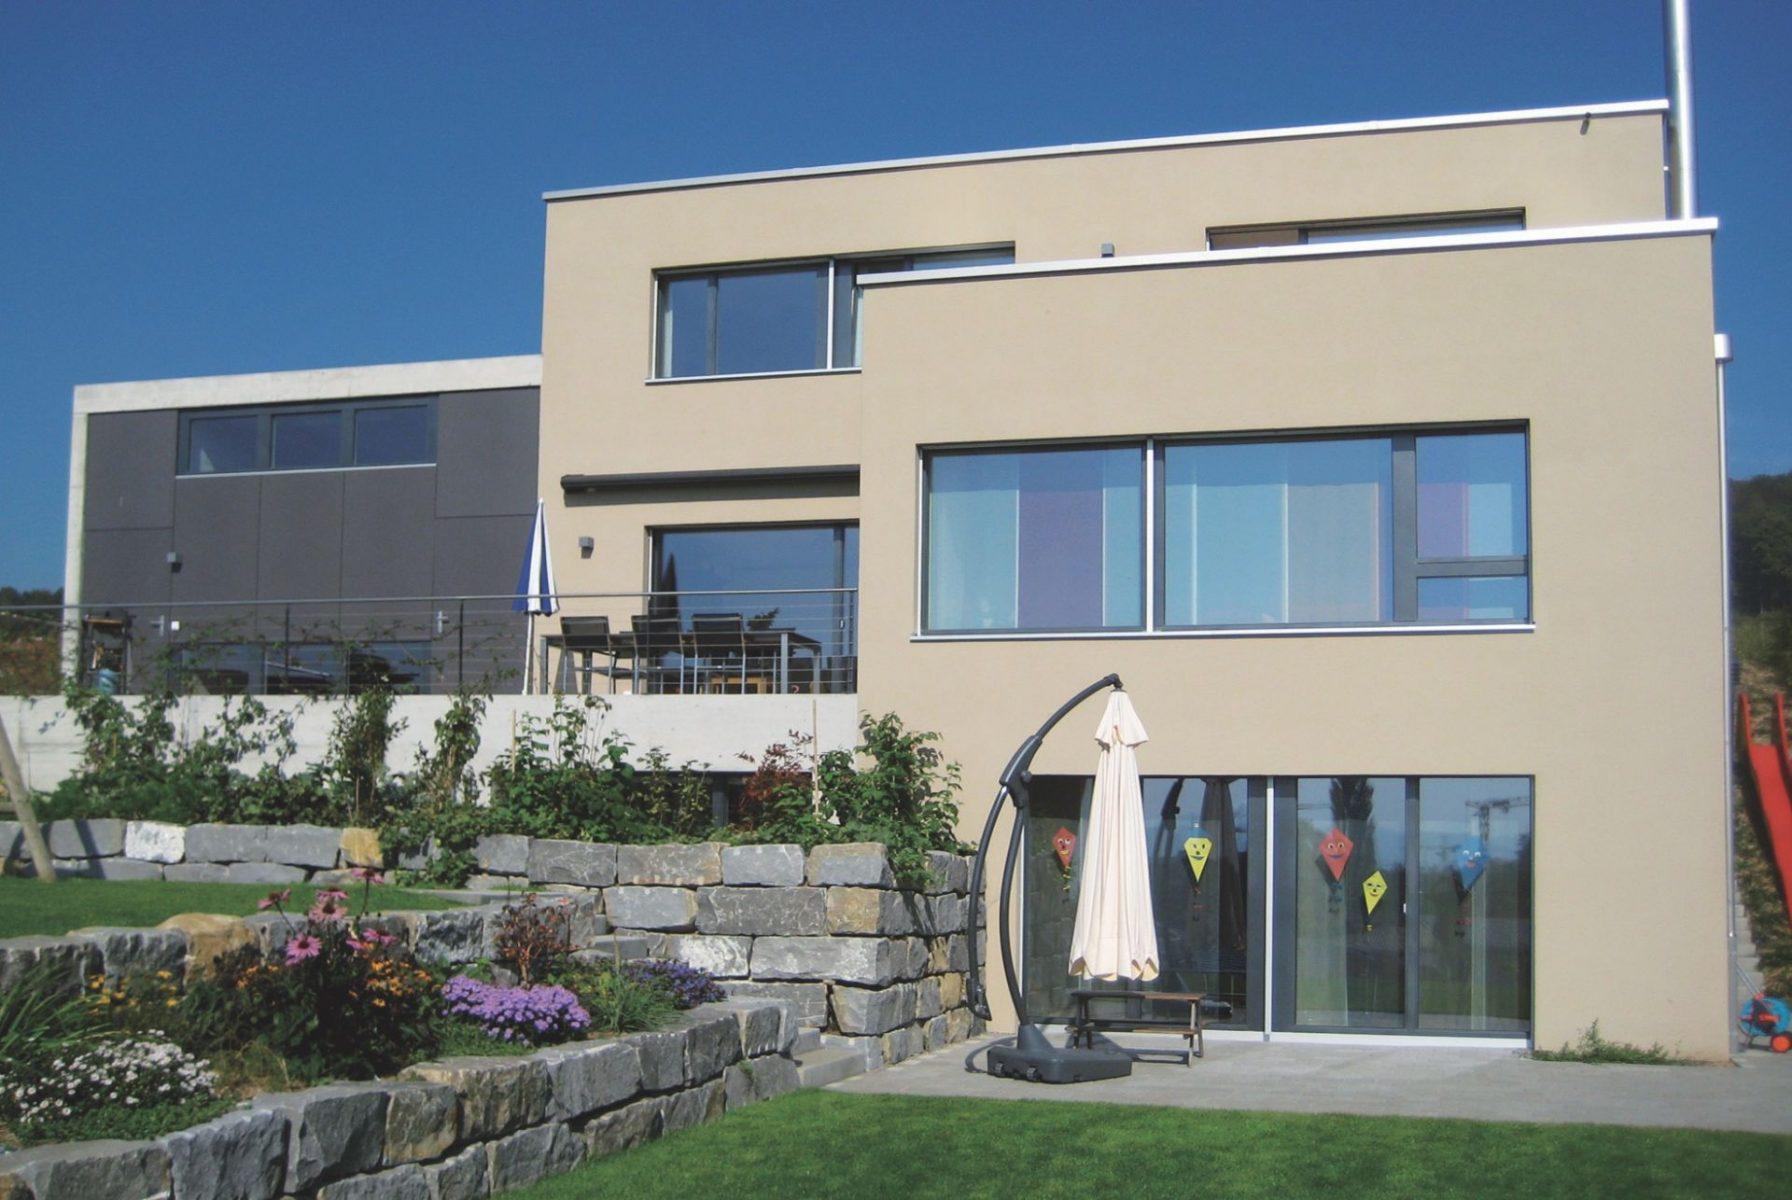 Das EM-Haus der Familie Abt in Oftringen, Schweiz